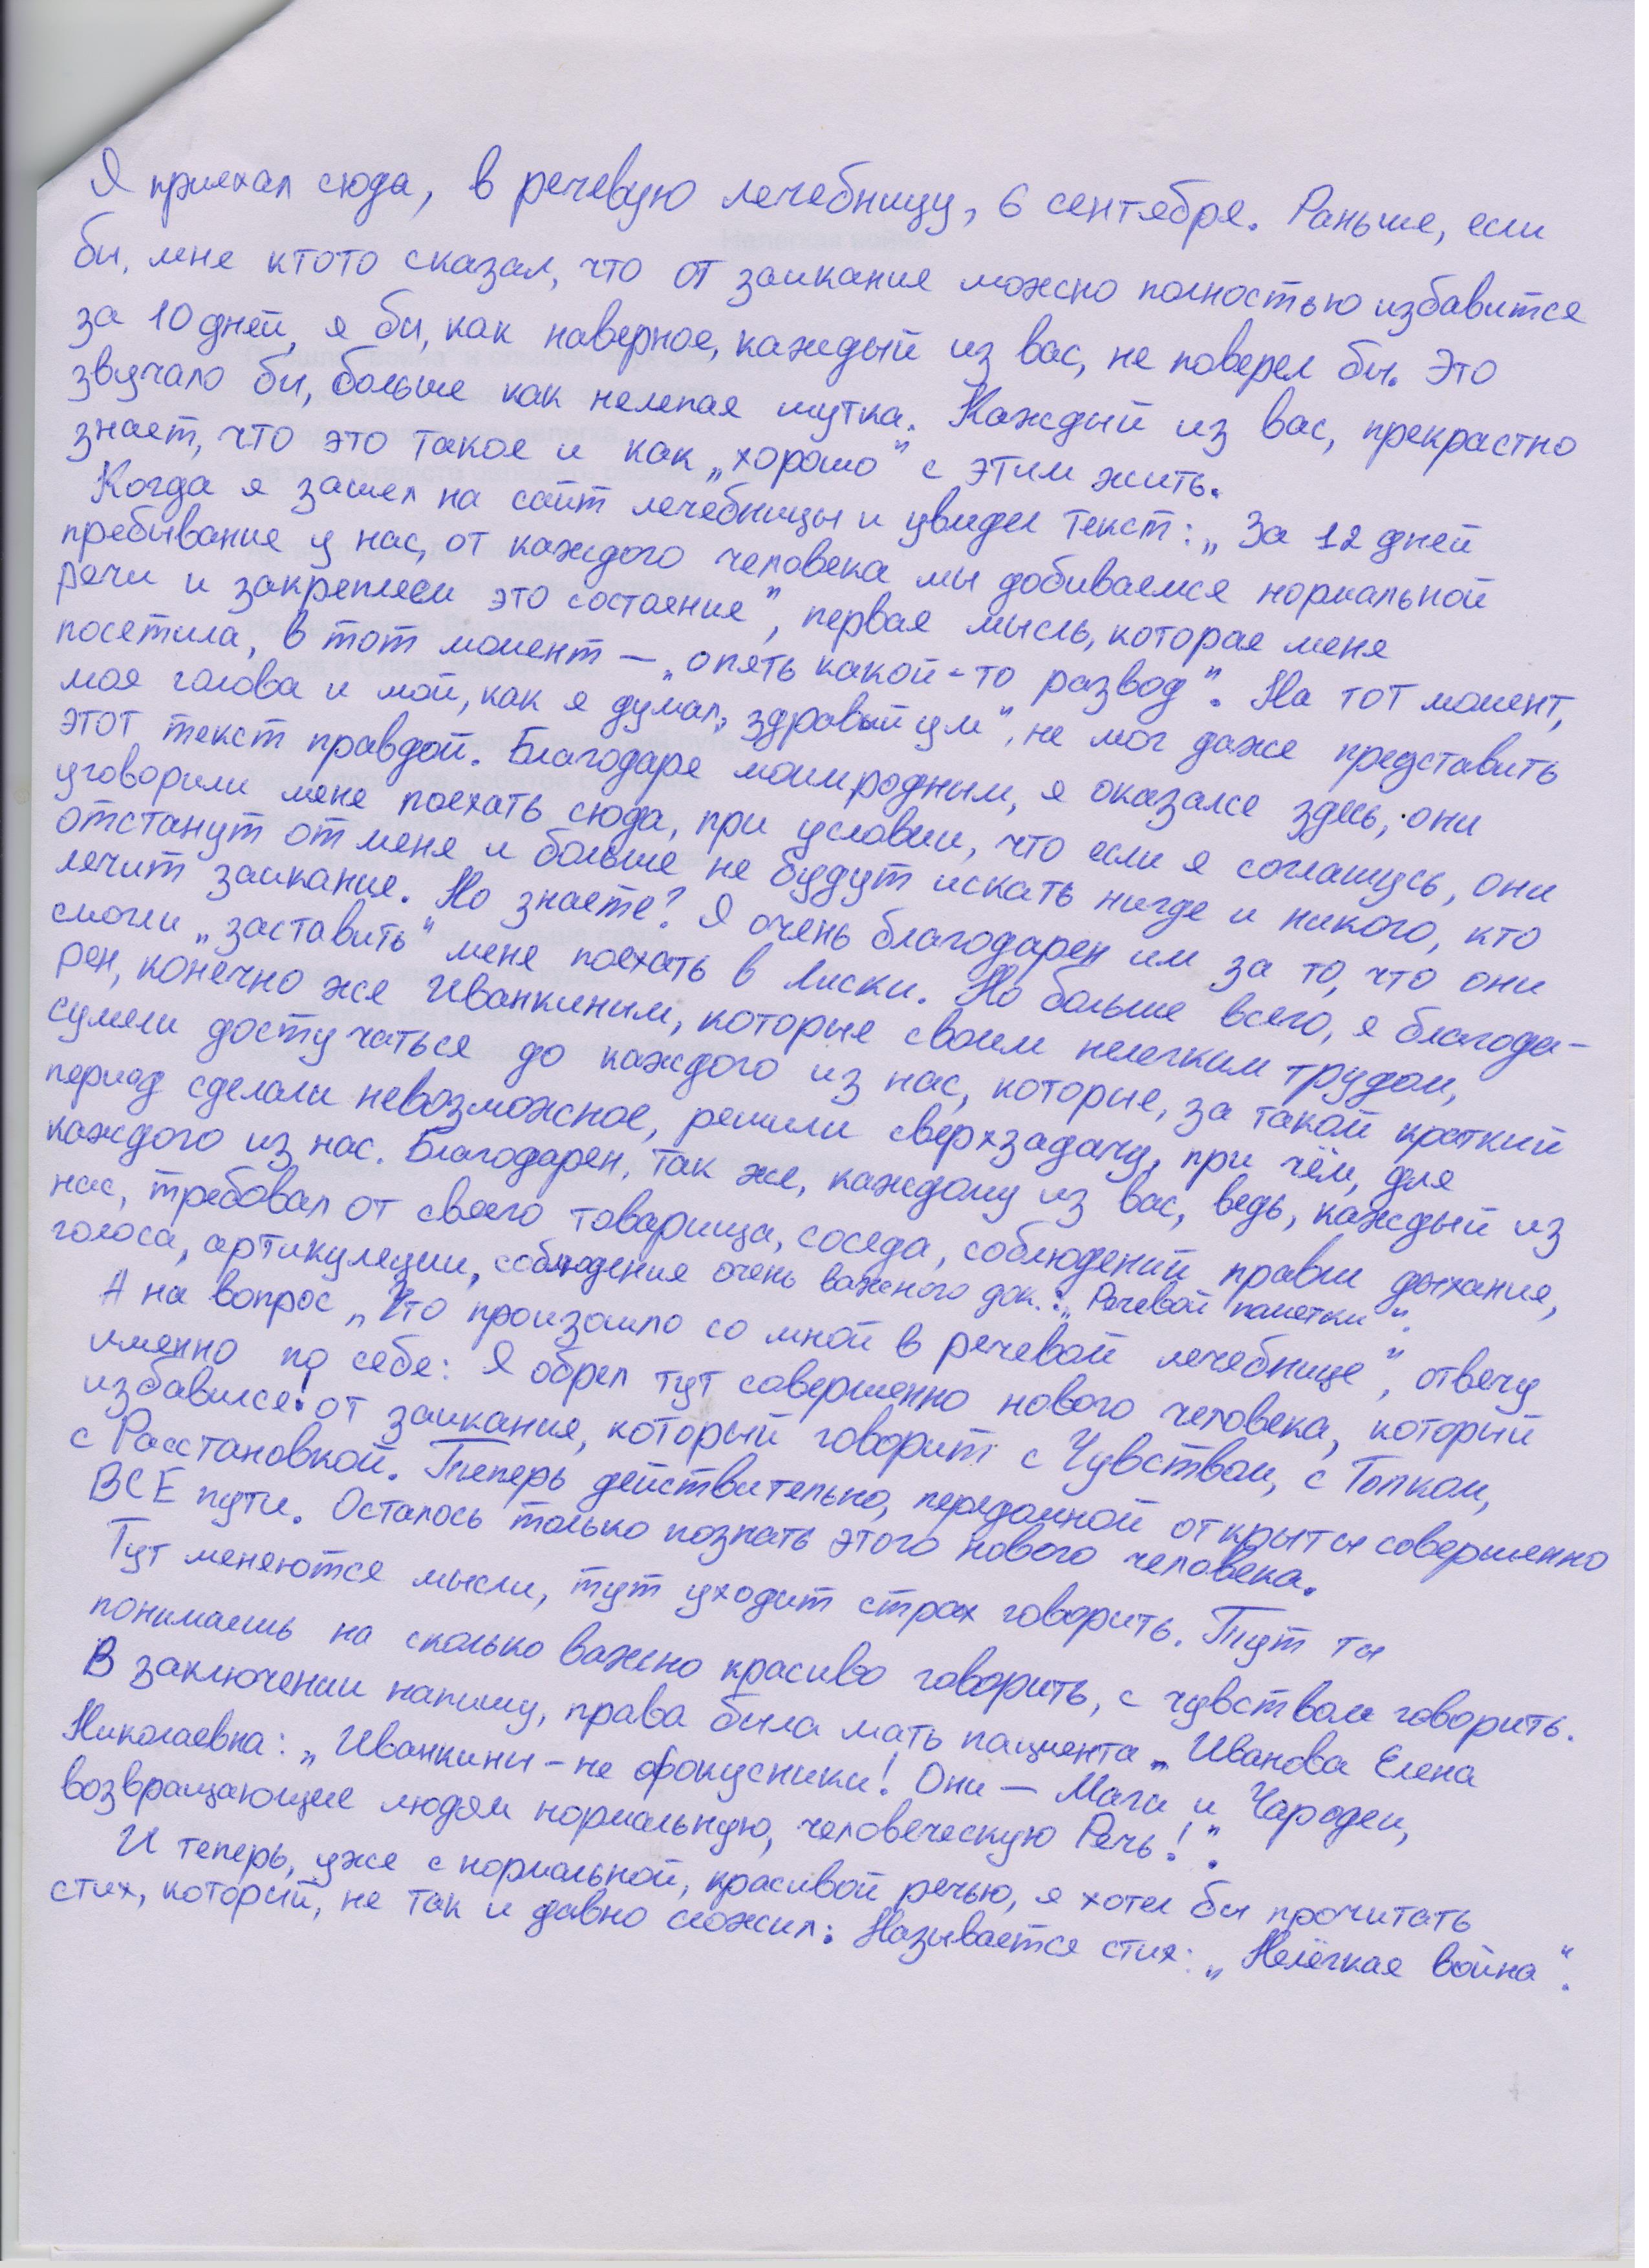 Отзыв о лечении заикания у Иванкина в Лисках, Воронежской обл.